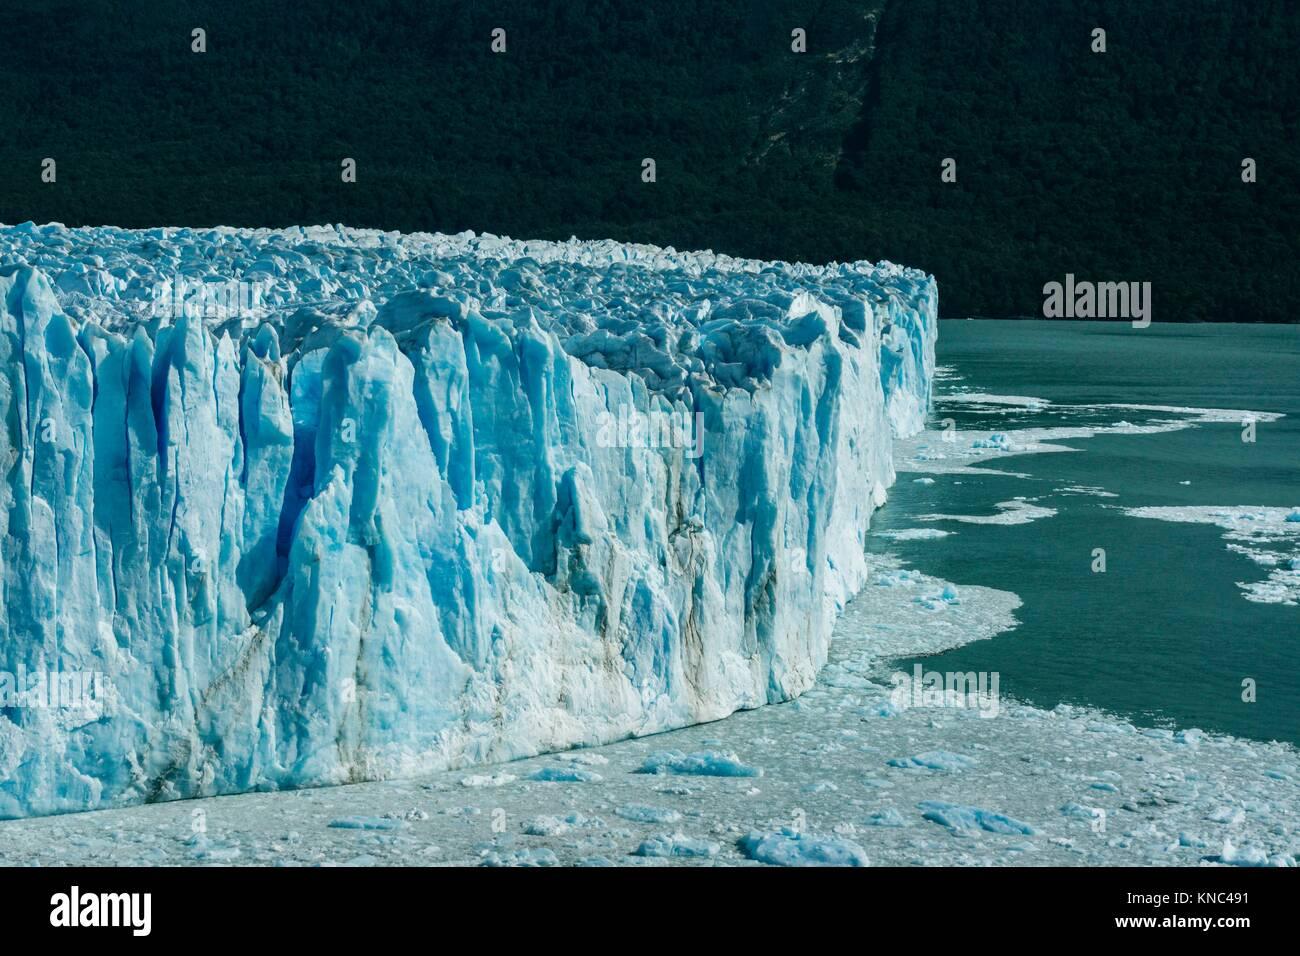 Glaciar Perito Moreno, Parque Nacional Los Glaciares, departamento Lago Argentino, provincia de Santa Cruz, Patagonia Imagen De Stock